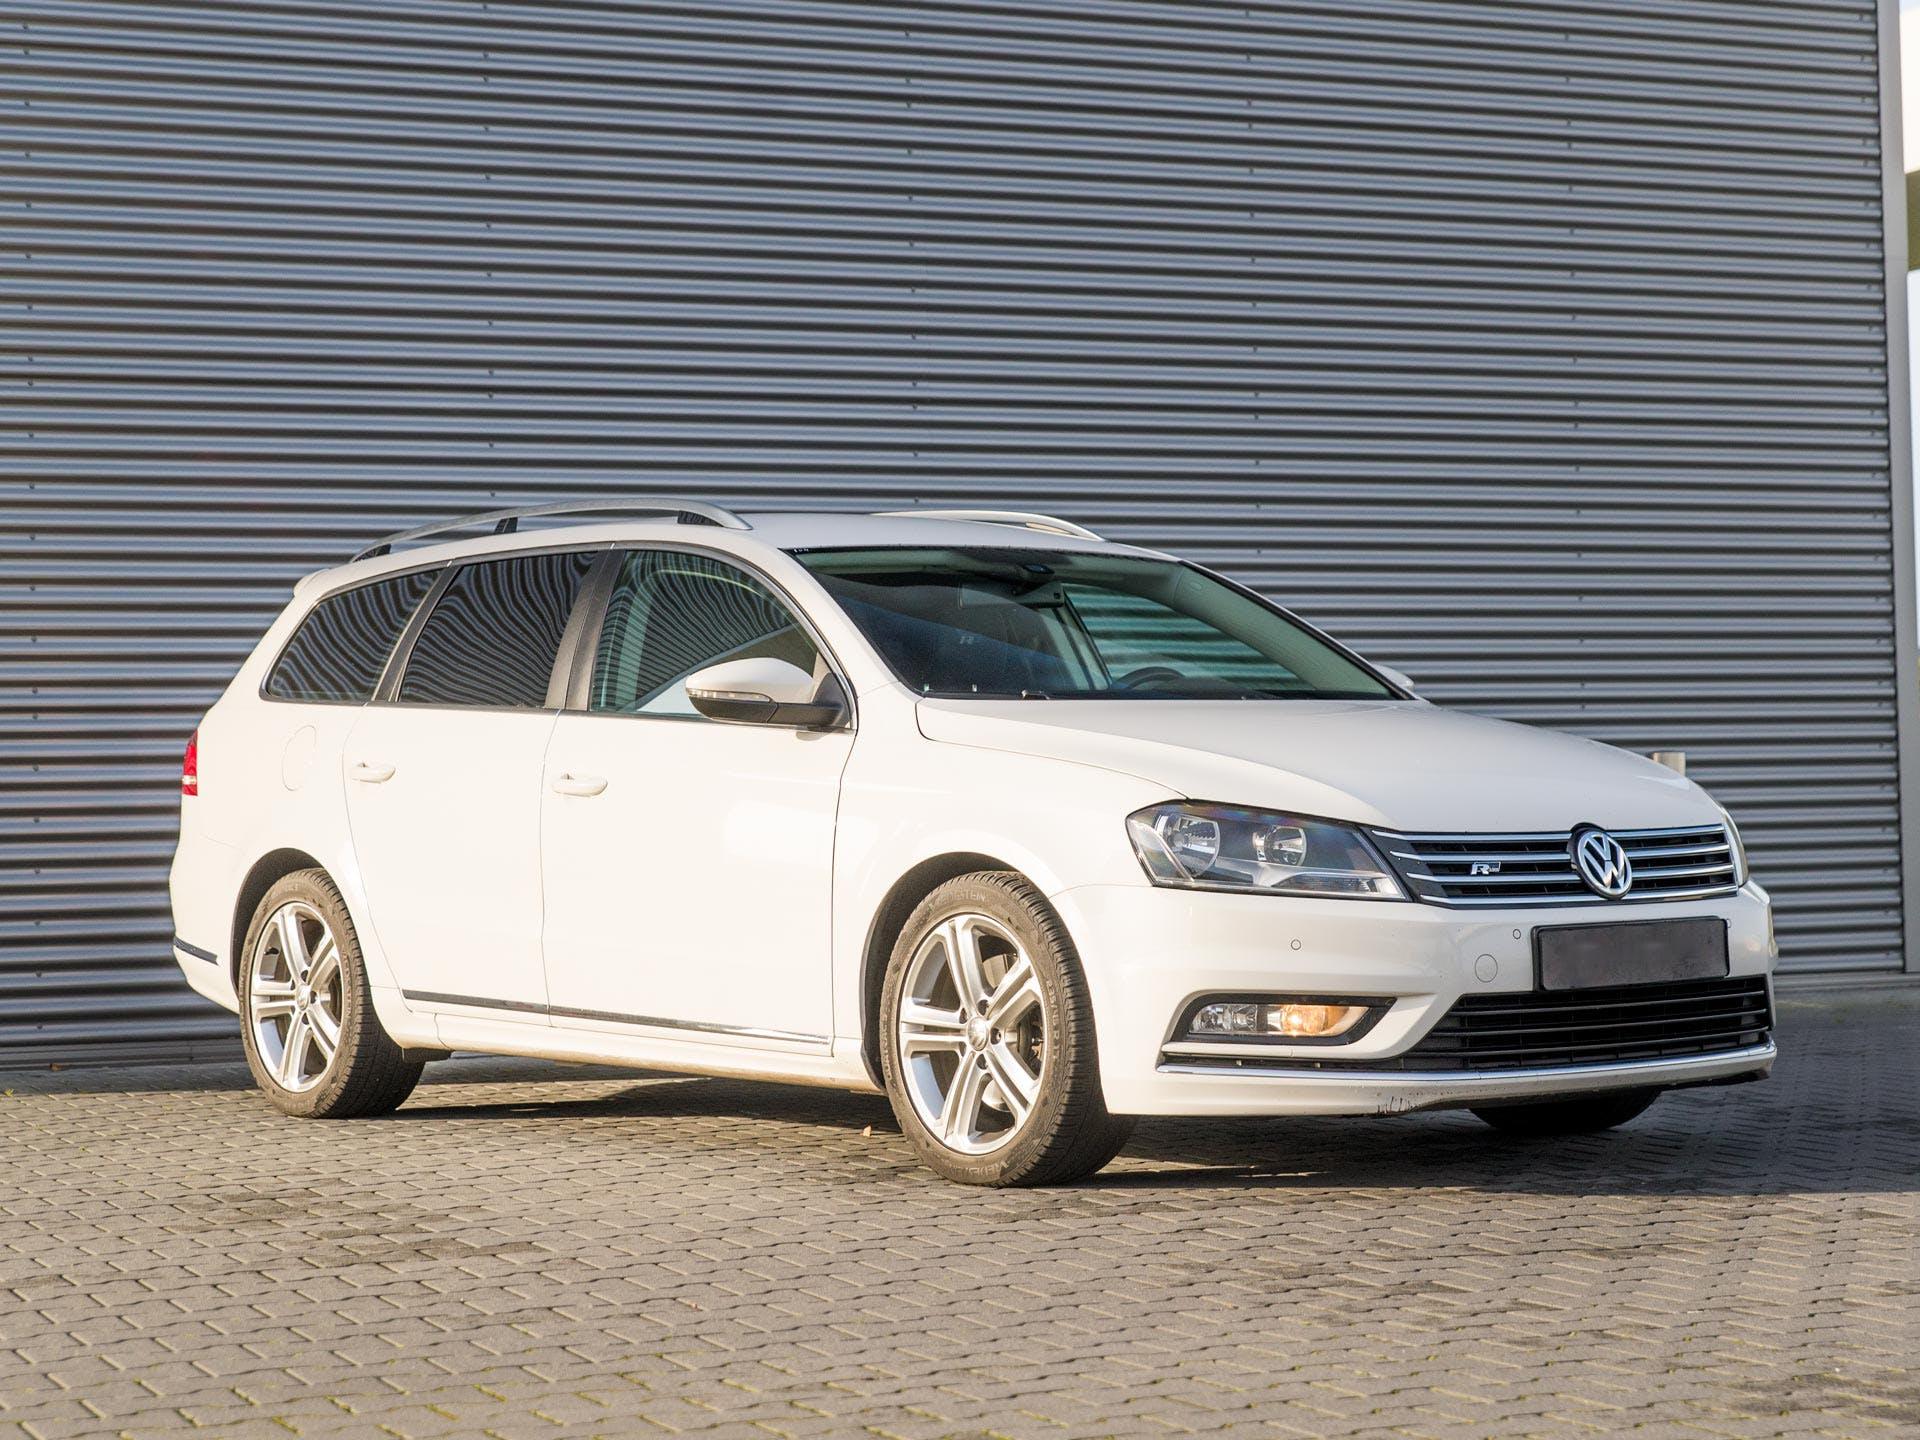 Tweedehands Volkswagen Passat Variant R-Line occasion